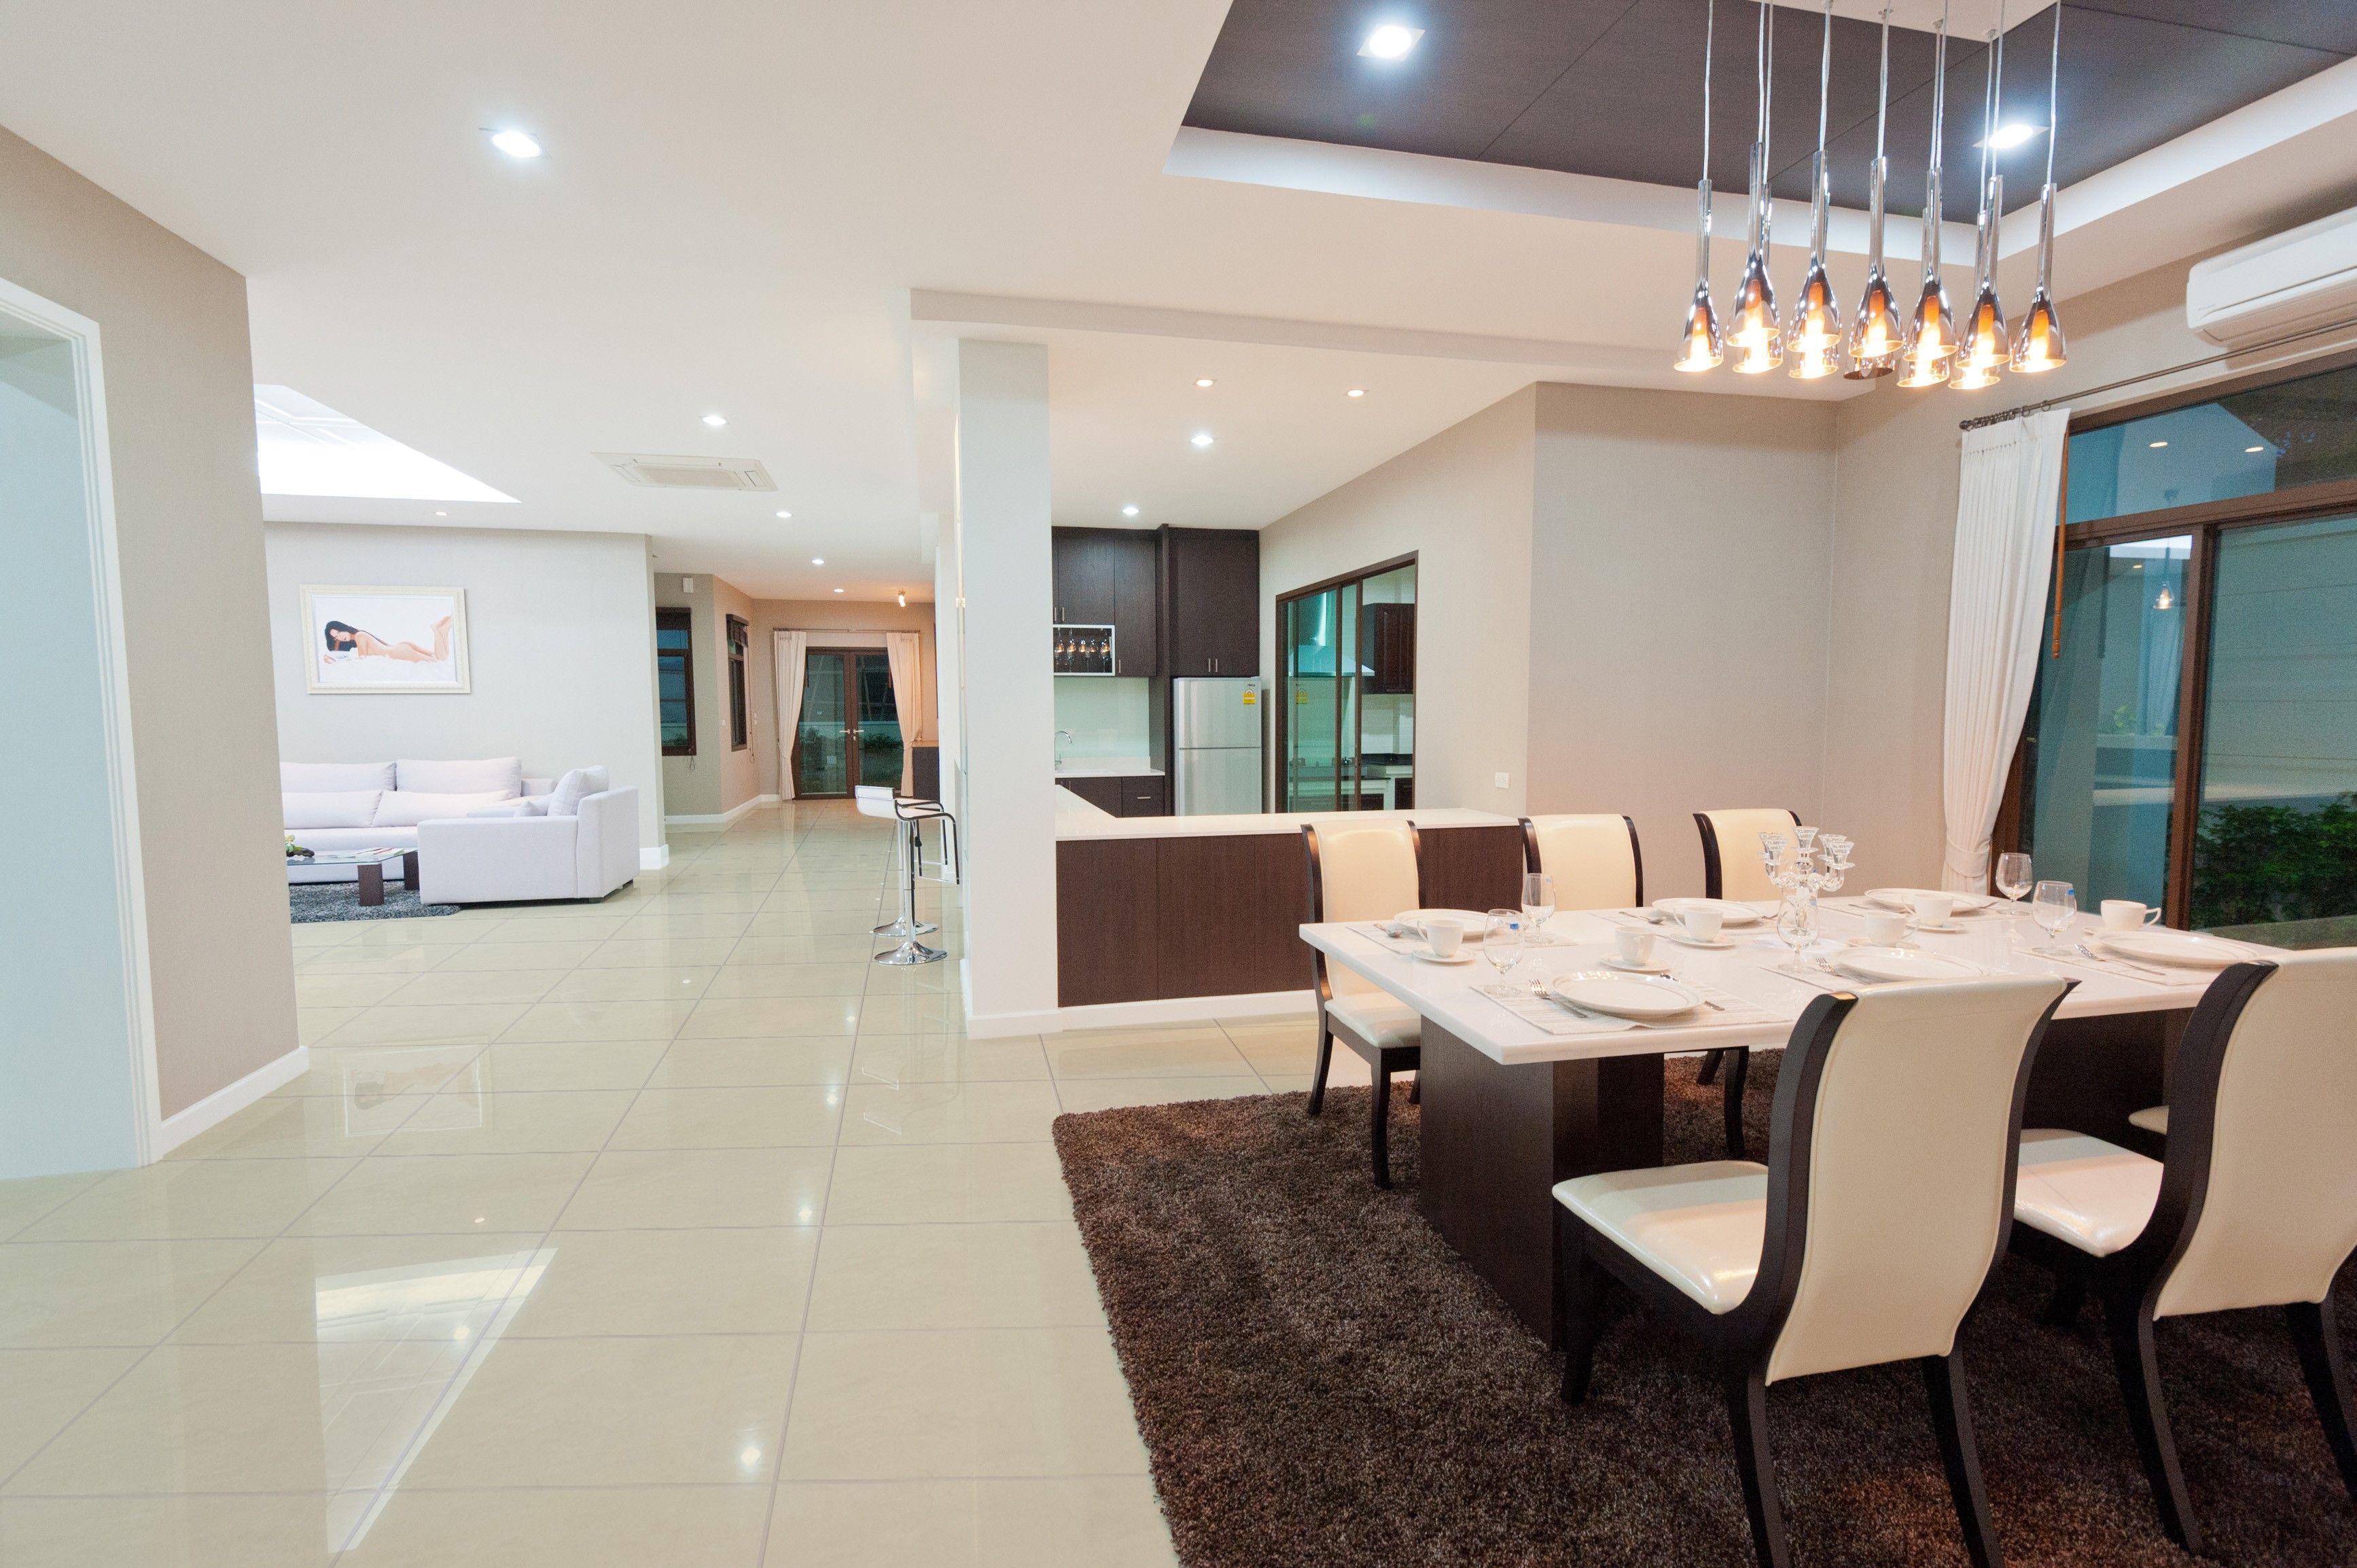 dise o de interiores casas modernas piso cer mico On pisos interiores modernos